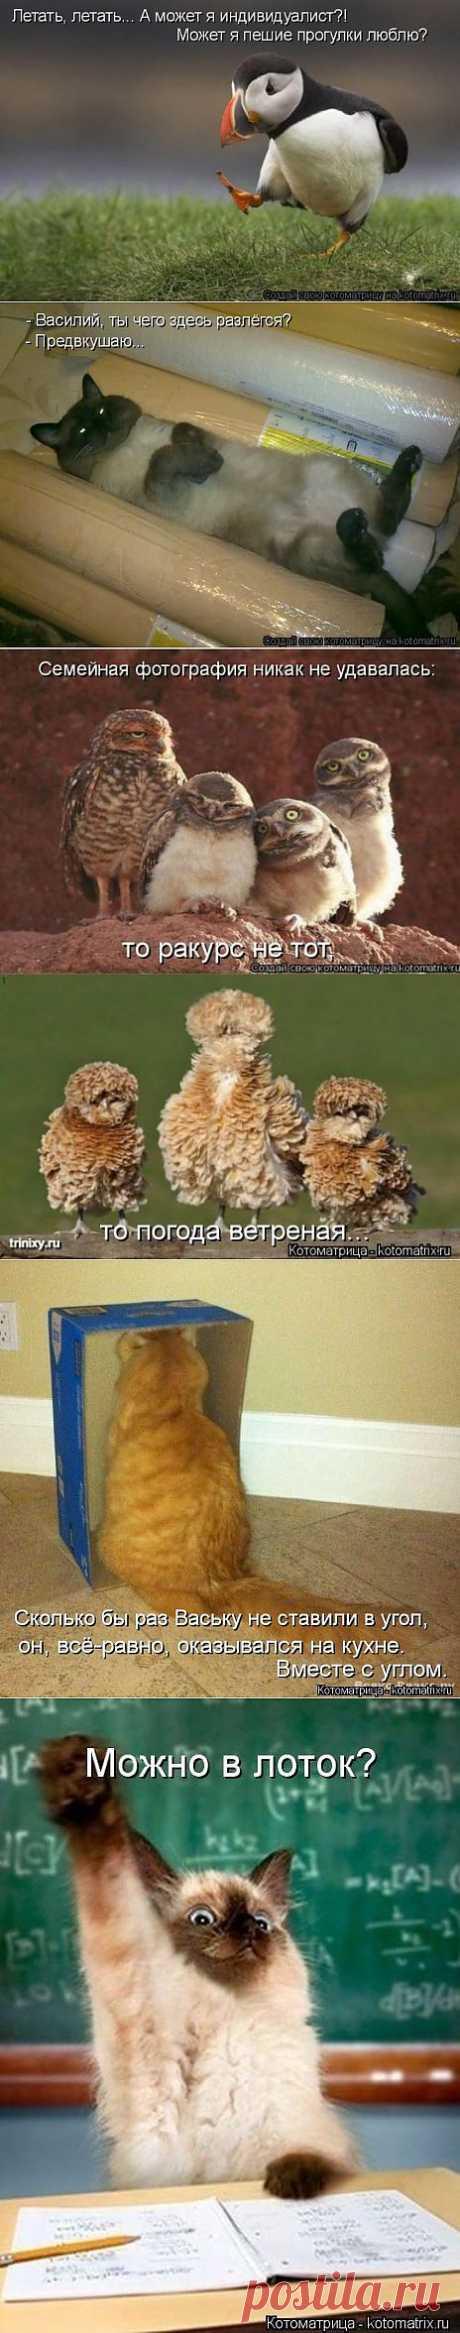 Давайте улыбнёмся)))   ОБОРЖАКА ;)